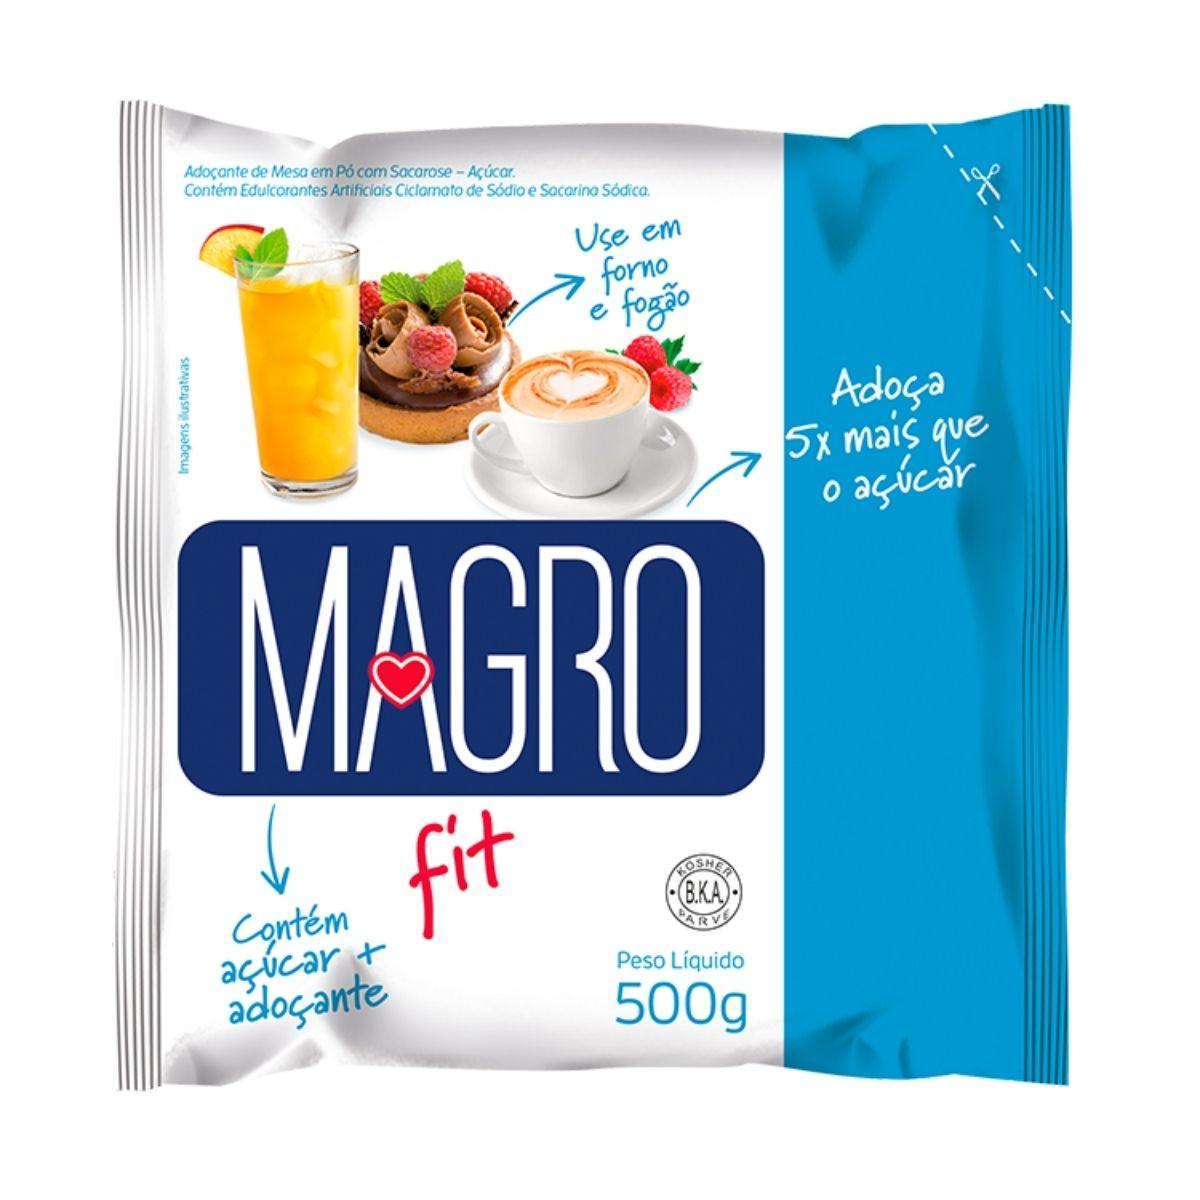 Açúcar Light Magro 500g - Forno e Fogão